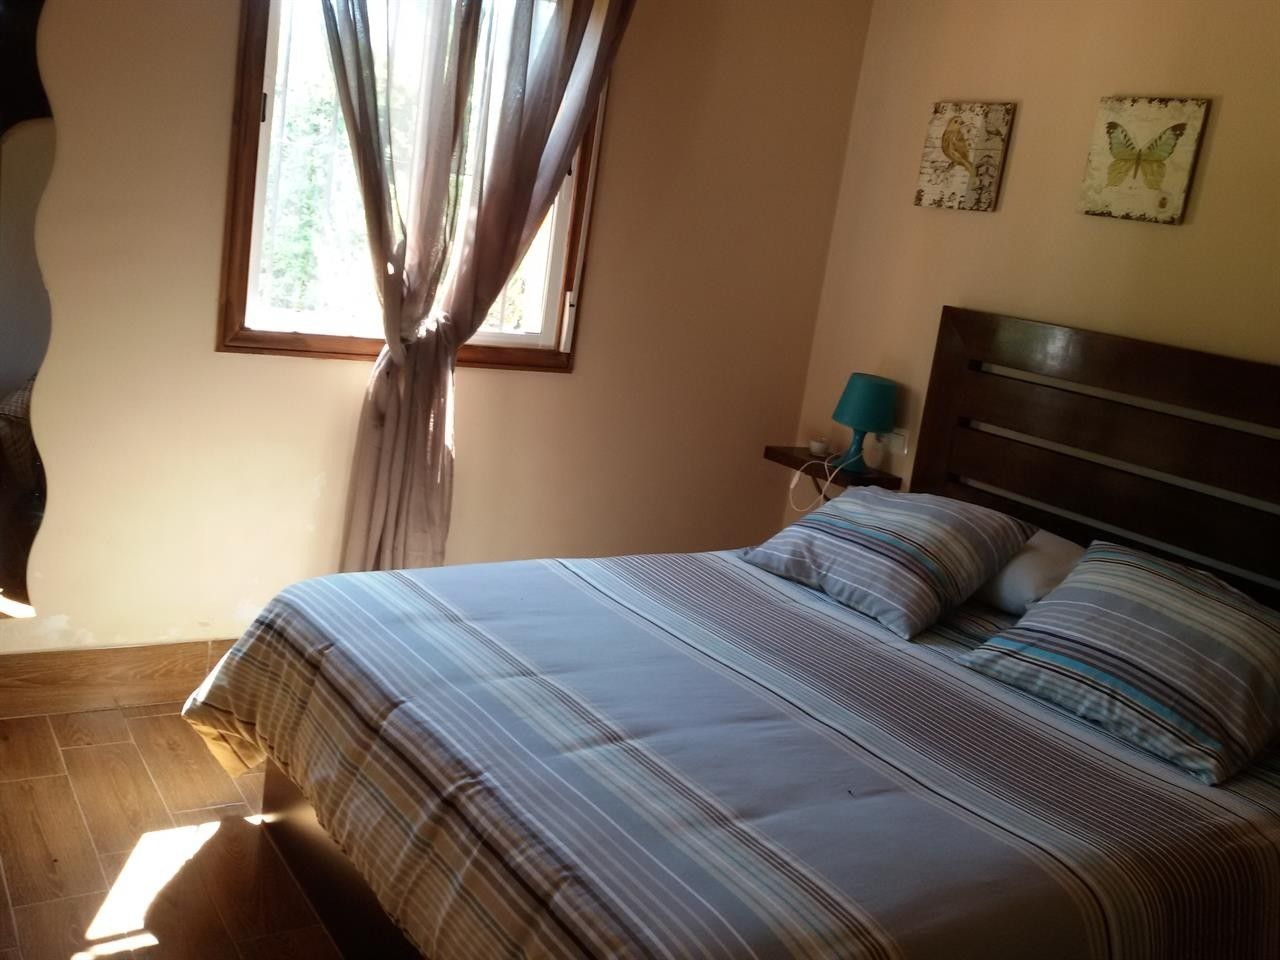 Apartamento de 22 m² en Alcalá de guadaira